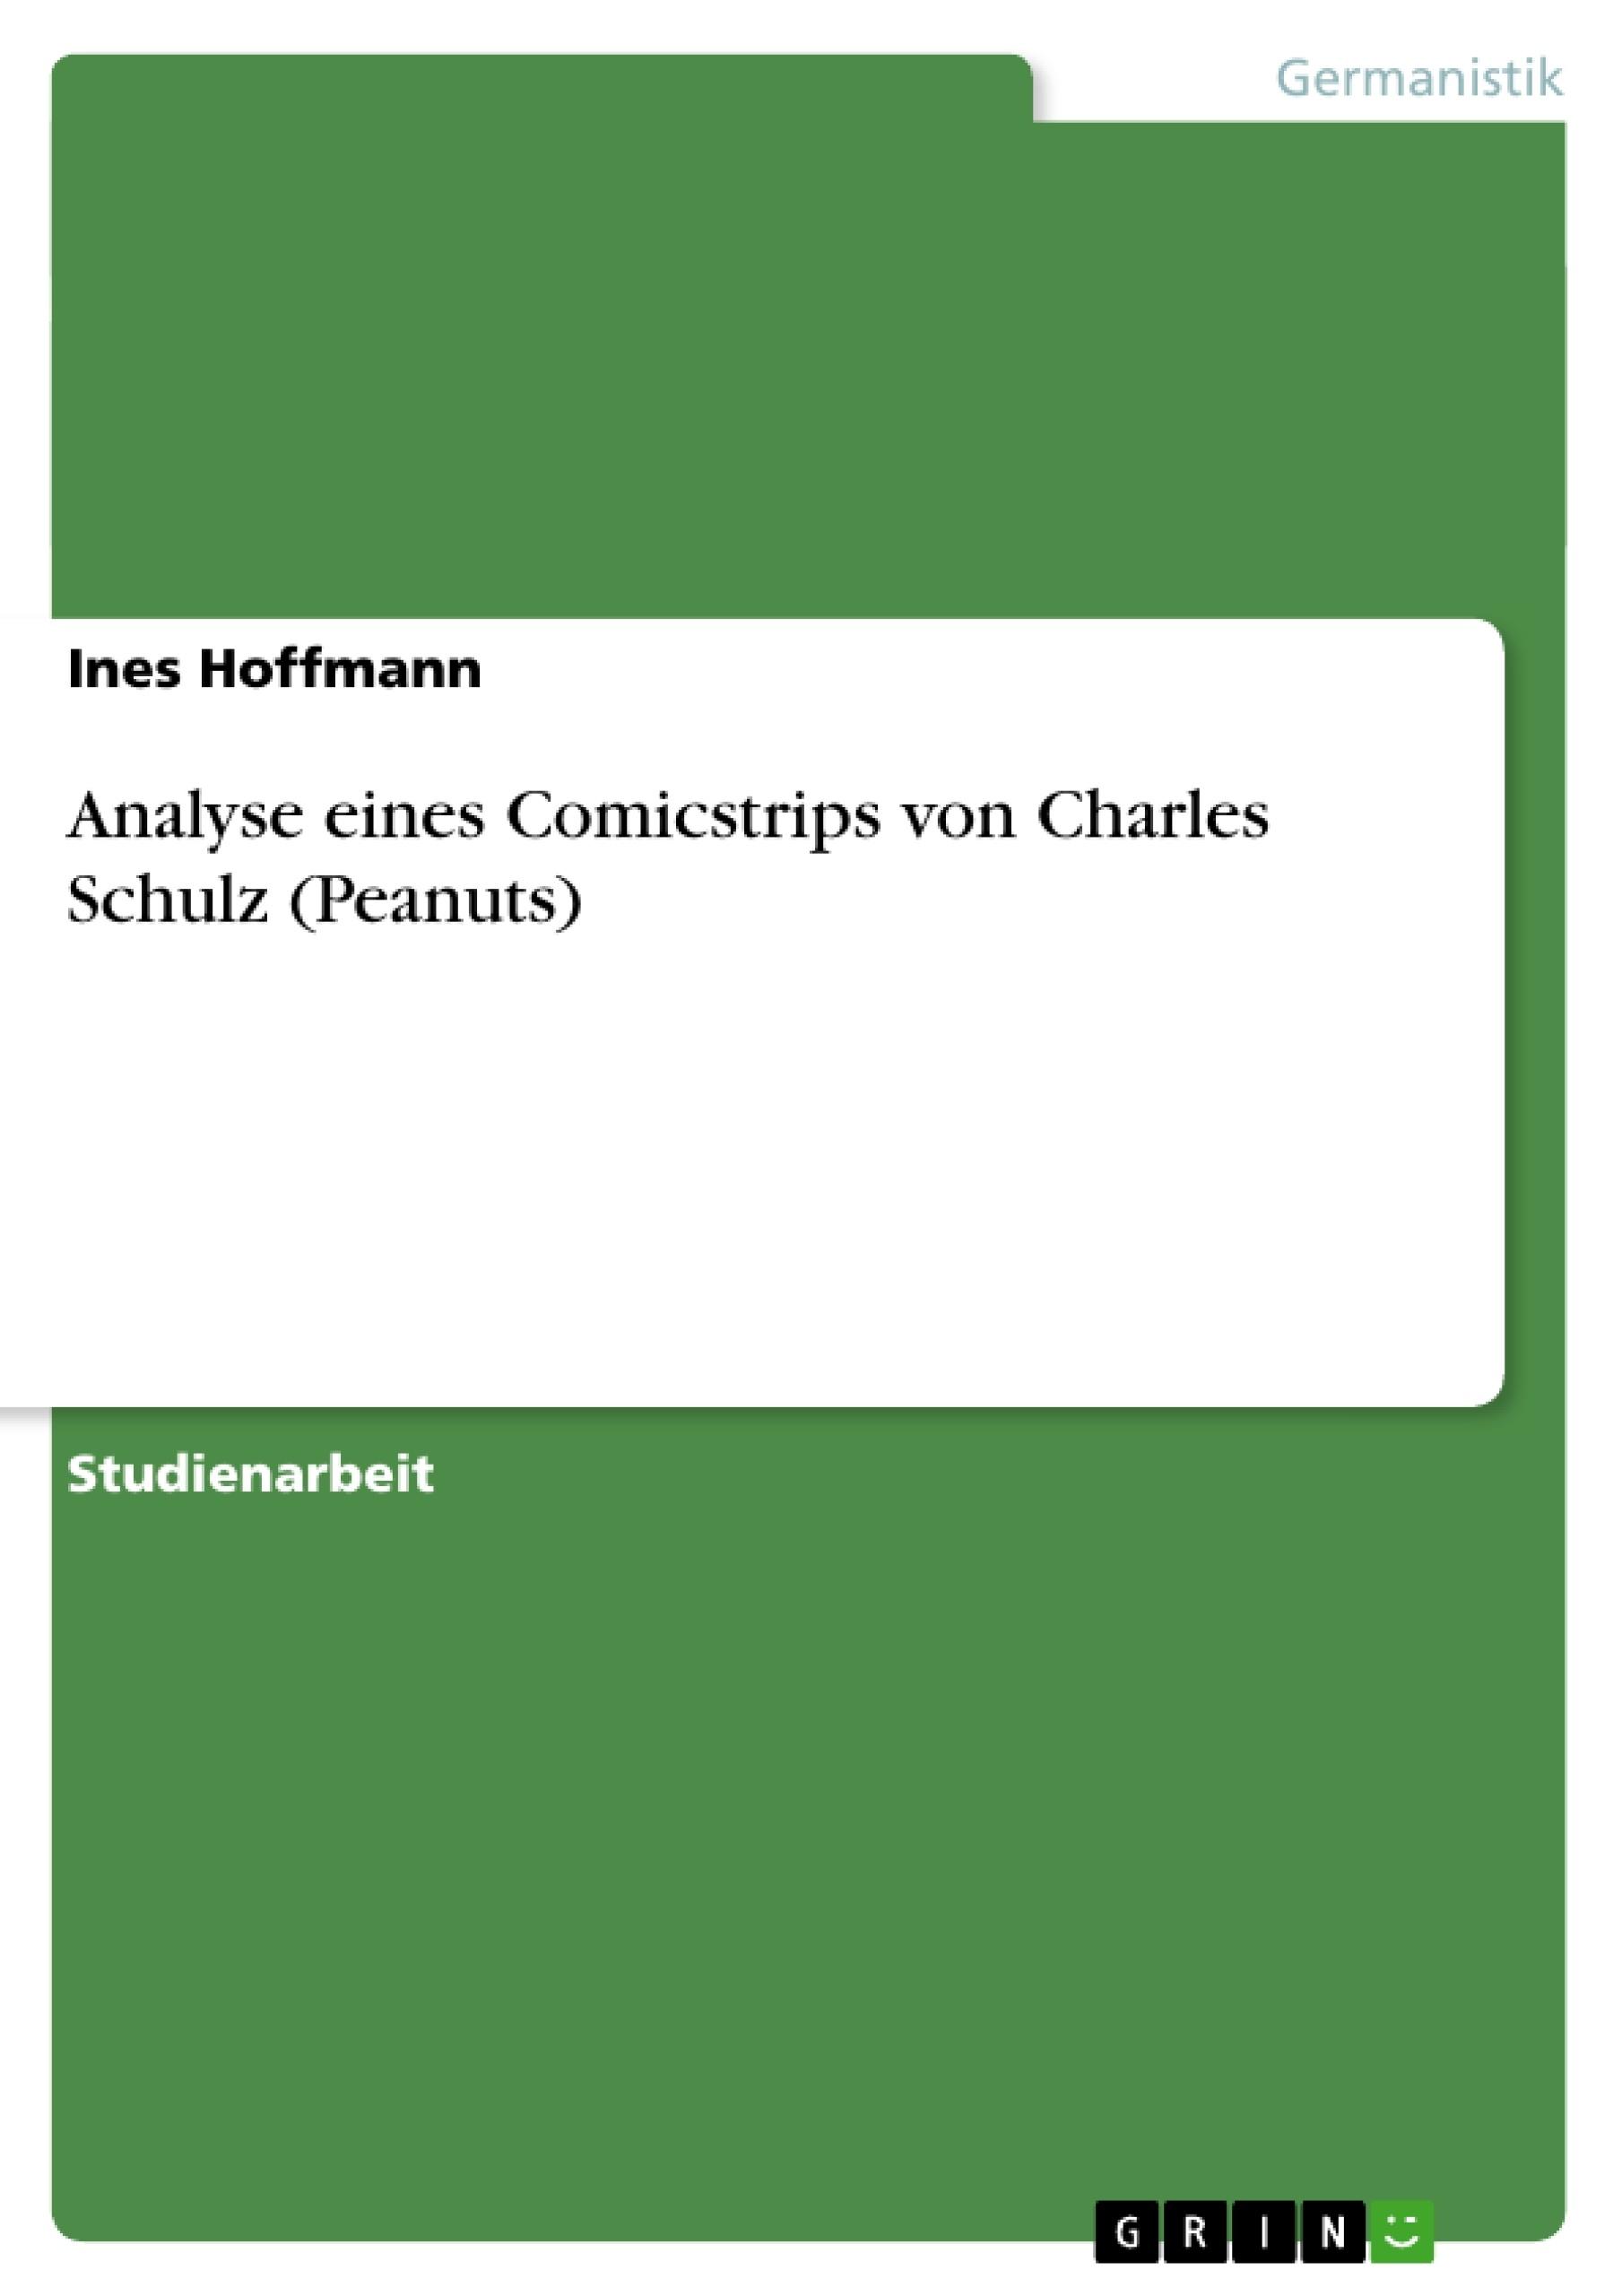 Titel: Analyse eines Comicstrips von Charles Schulz (Peanuts)